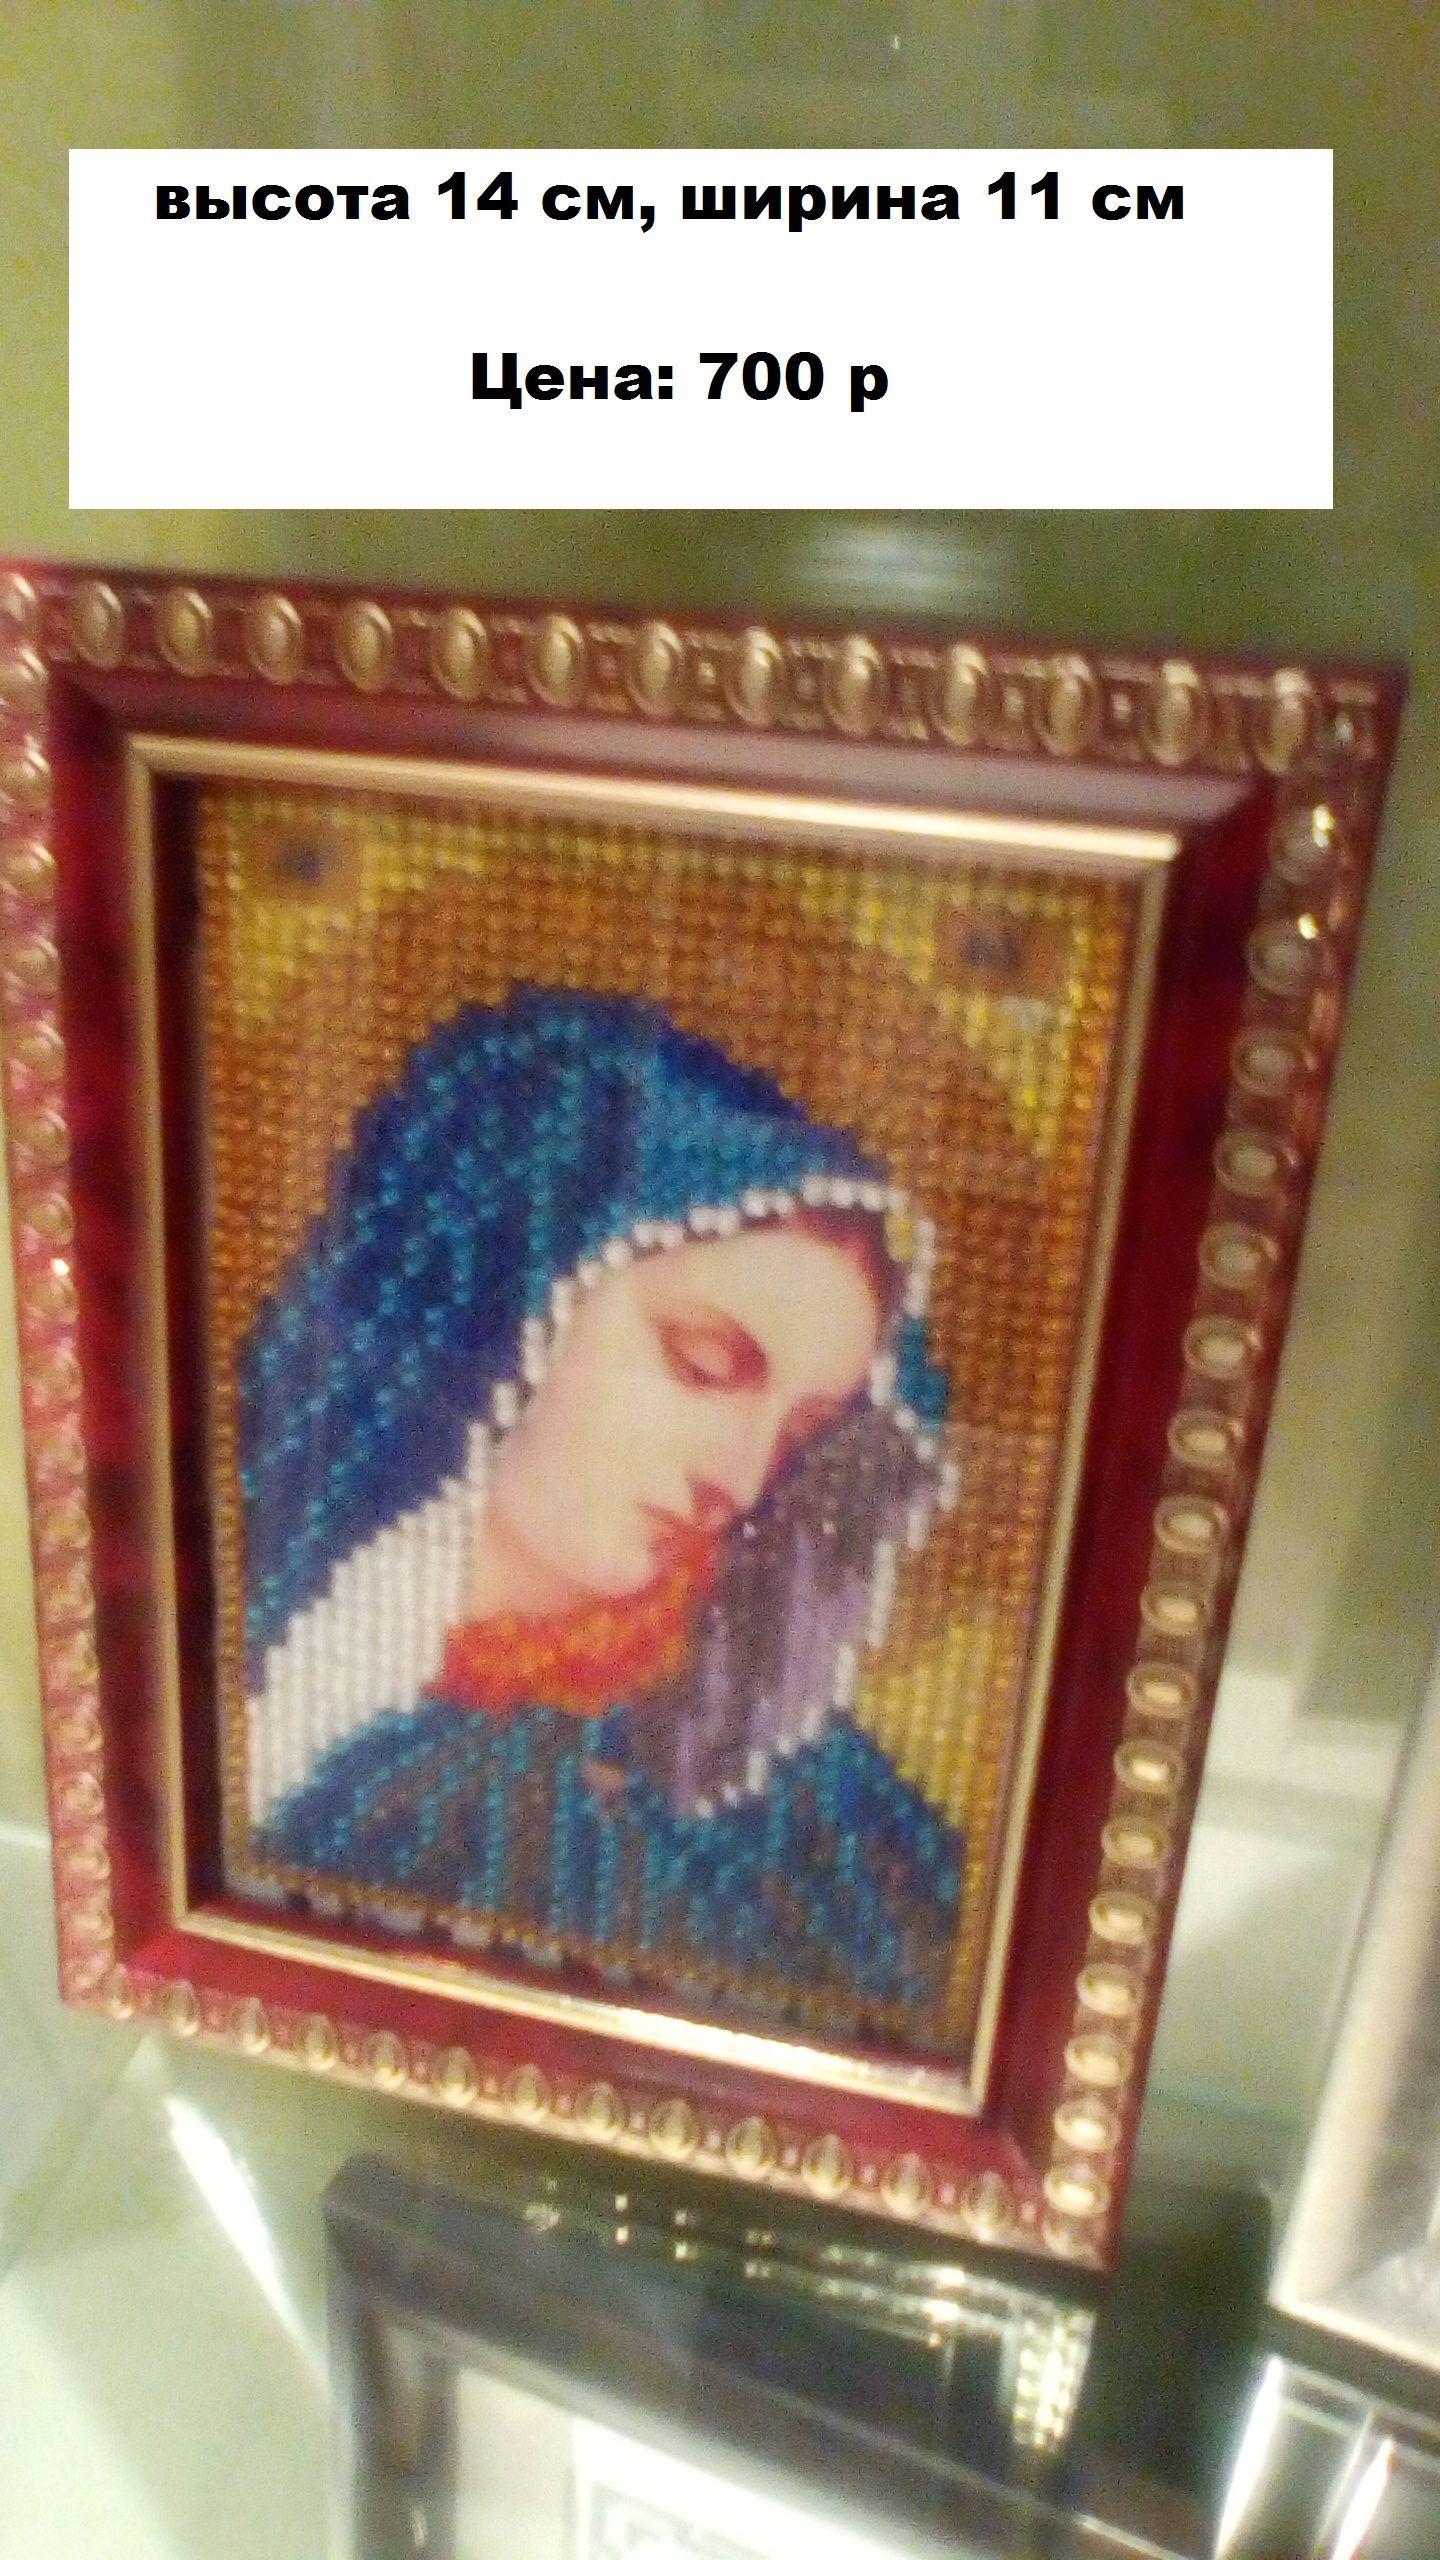 вышивка икона сувенир ручная работа бисер подарок